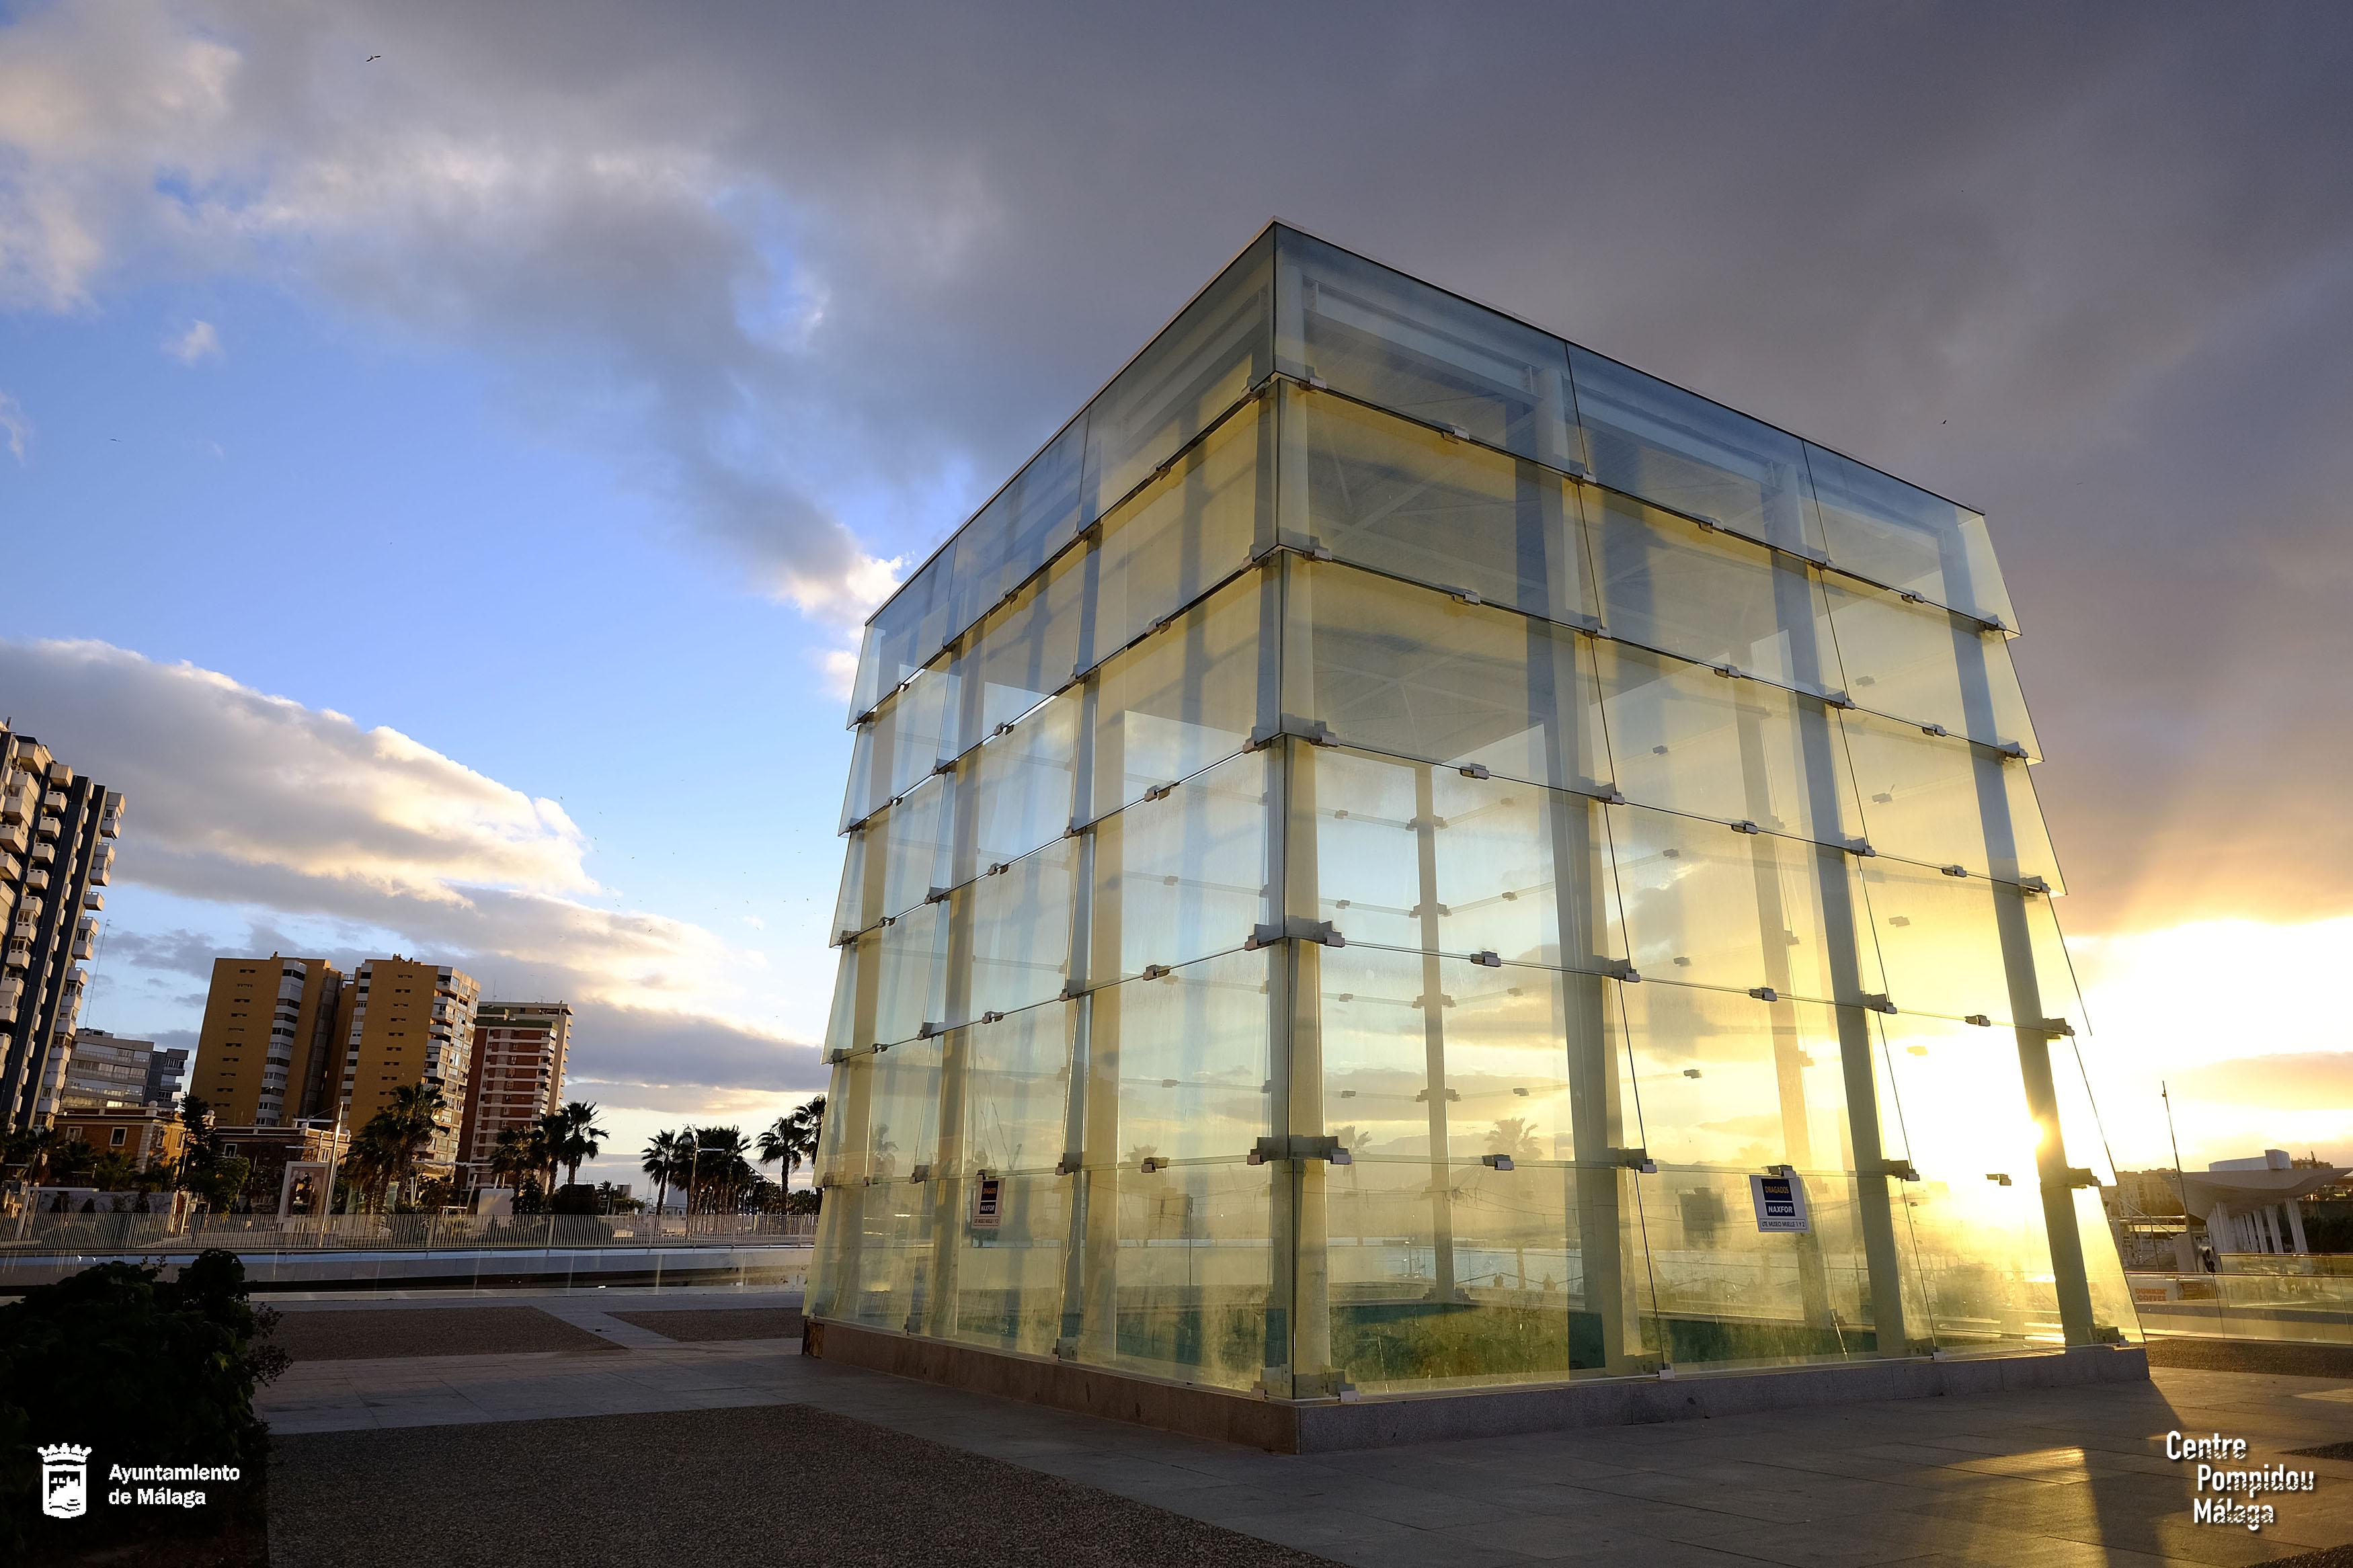 Centre-Pompidou-Malaga-CPM-08i